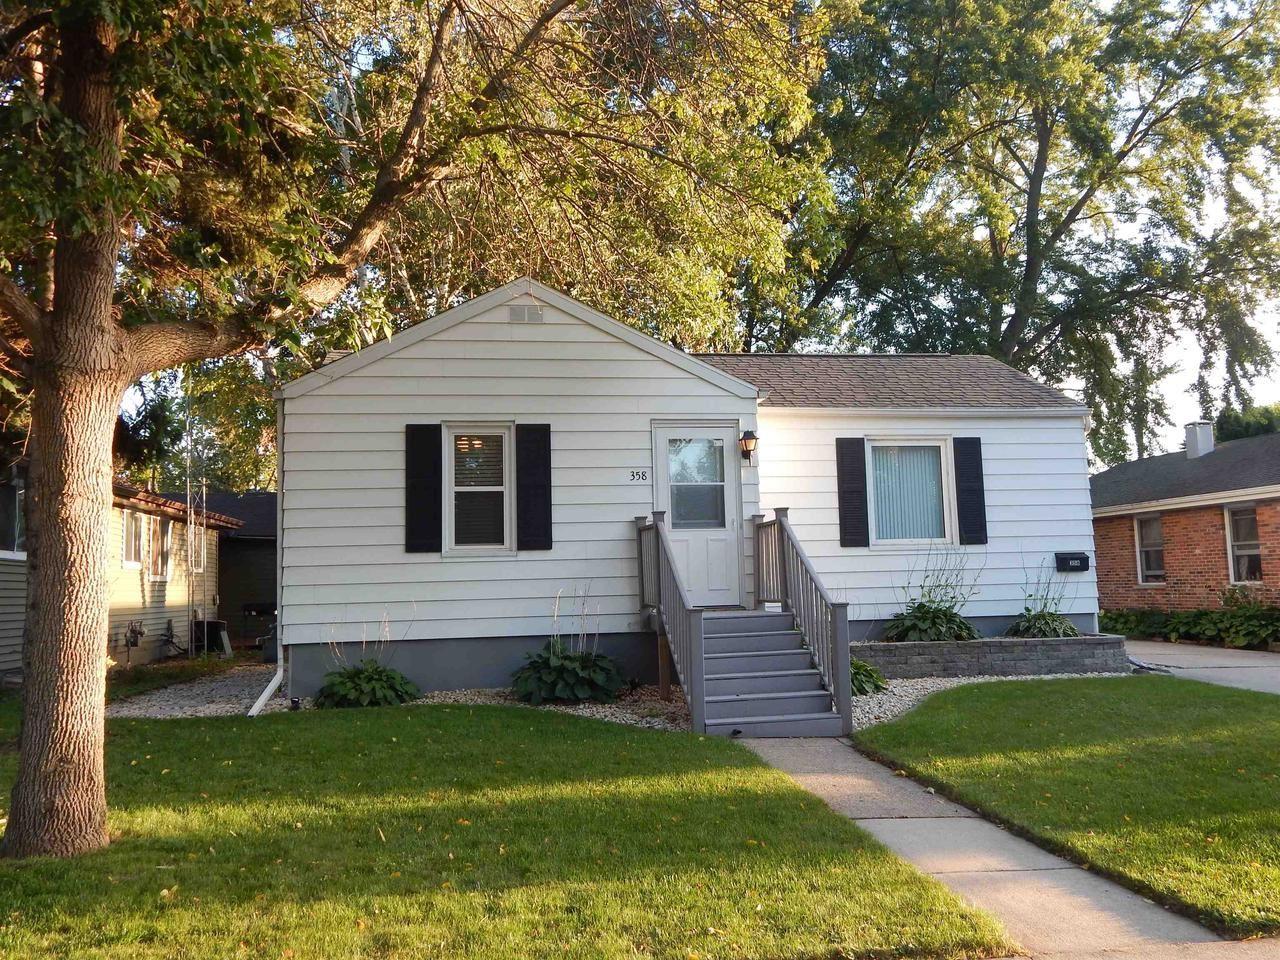 358 Salem Ave, Fond du Lac, WI 54935 - MLS#: 1919813